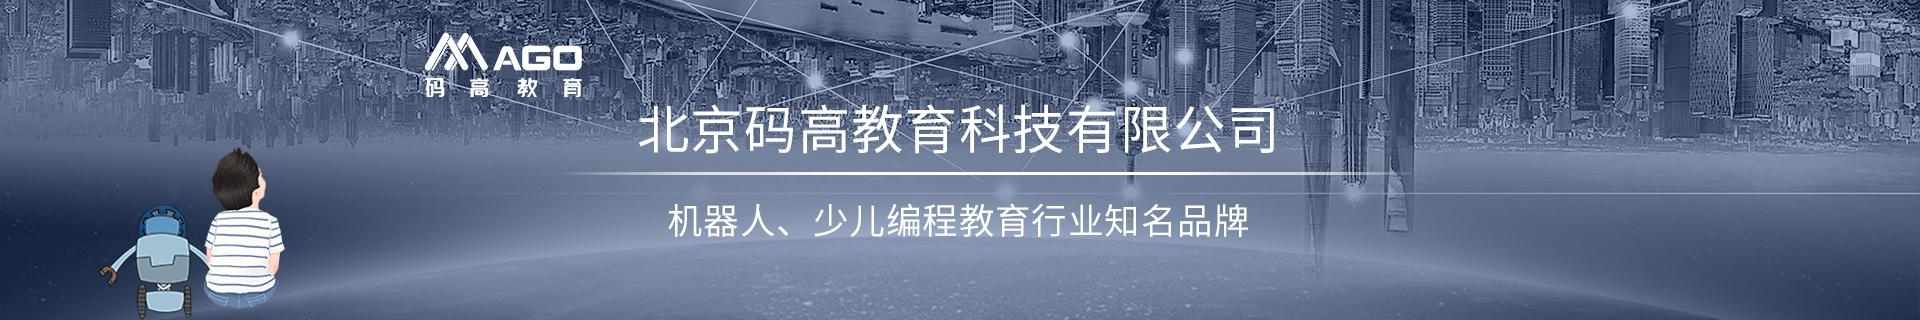 朔州朔城开发区码高教育培训